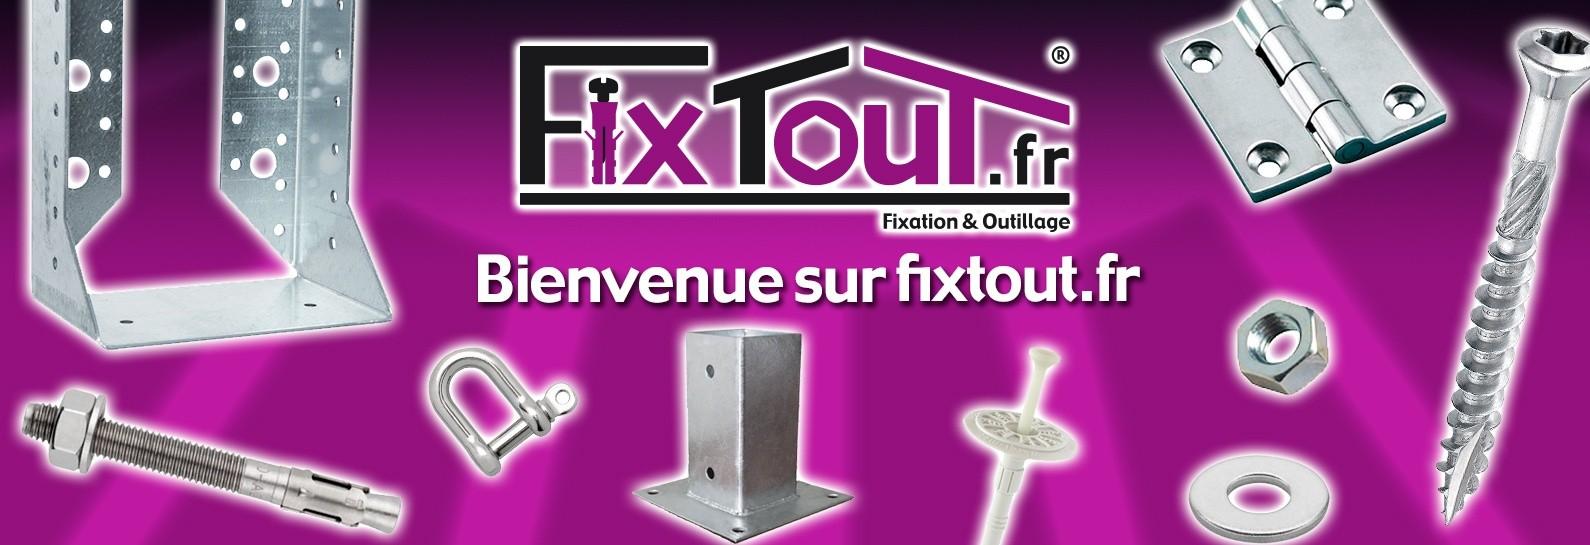 Bienvenue sur Fixtout.fr